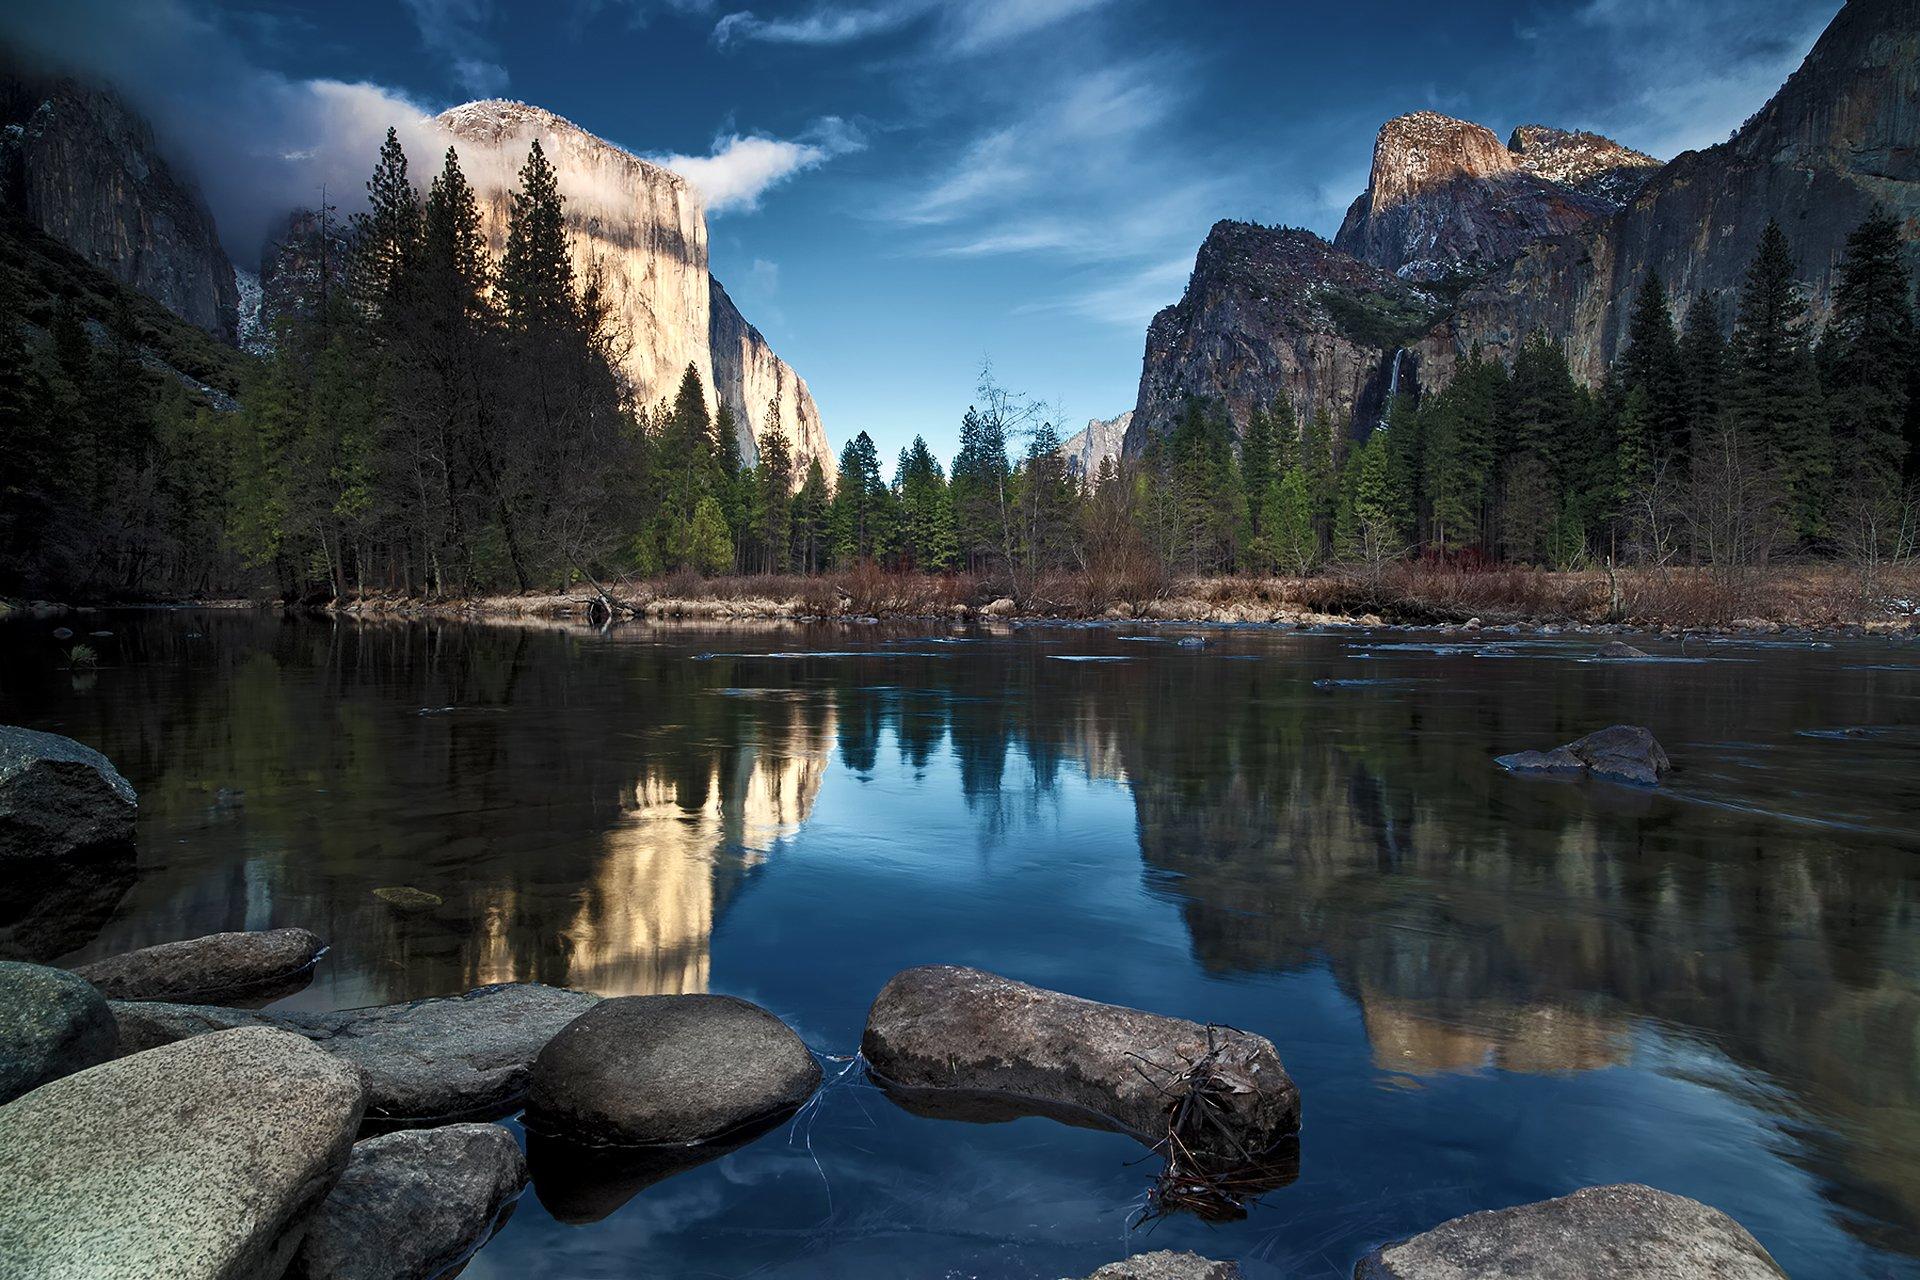 девушка камни обрыв горы озеро загрузить